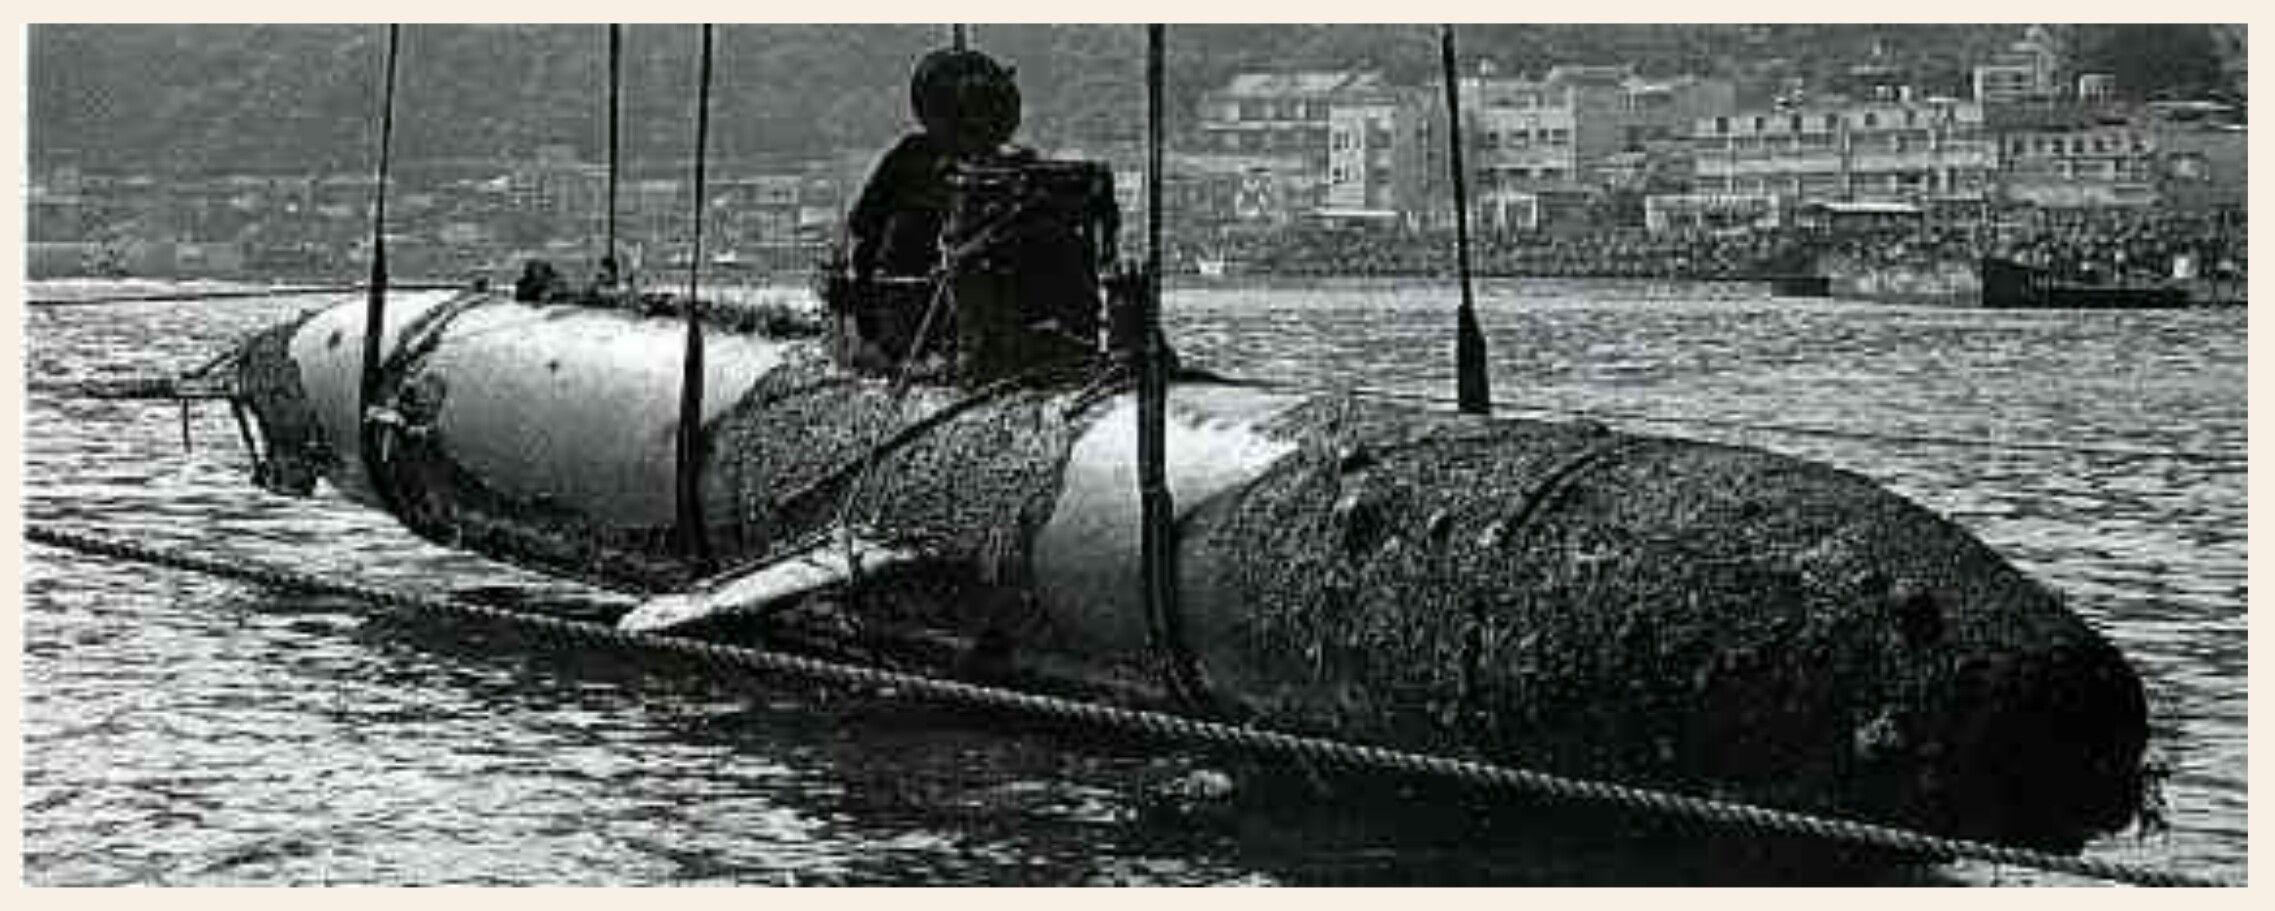 japanese-midget-submarine-design-free-movie-of-oral-cumshots